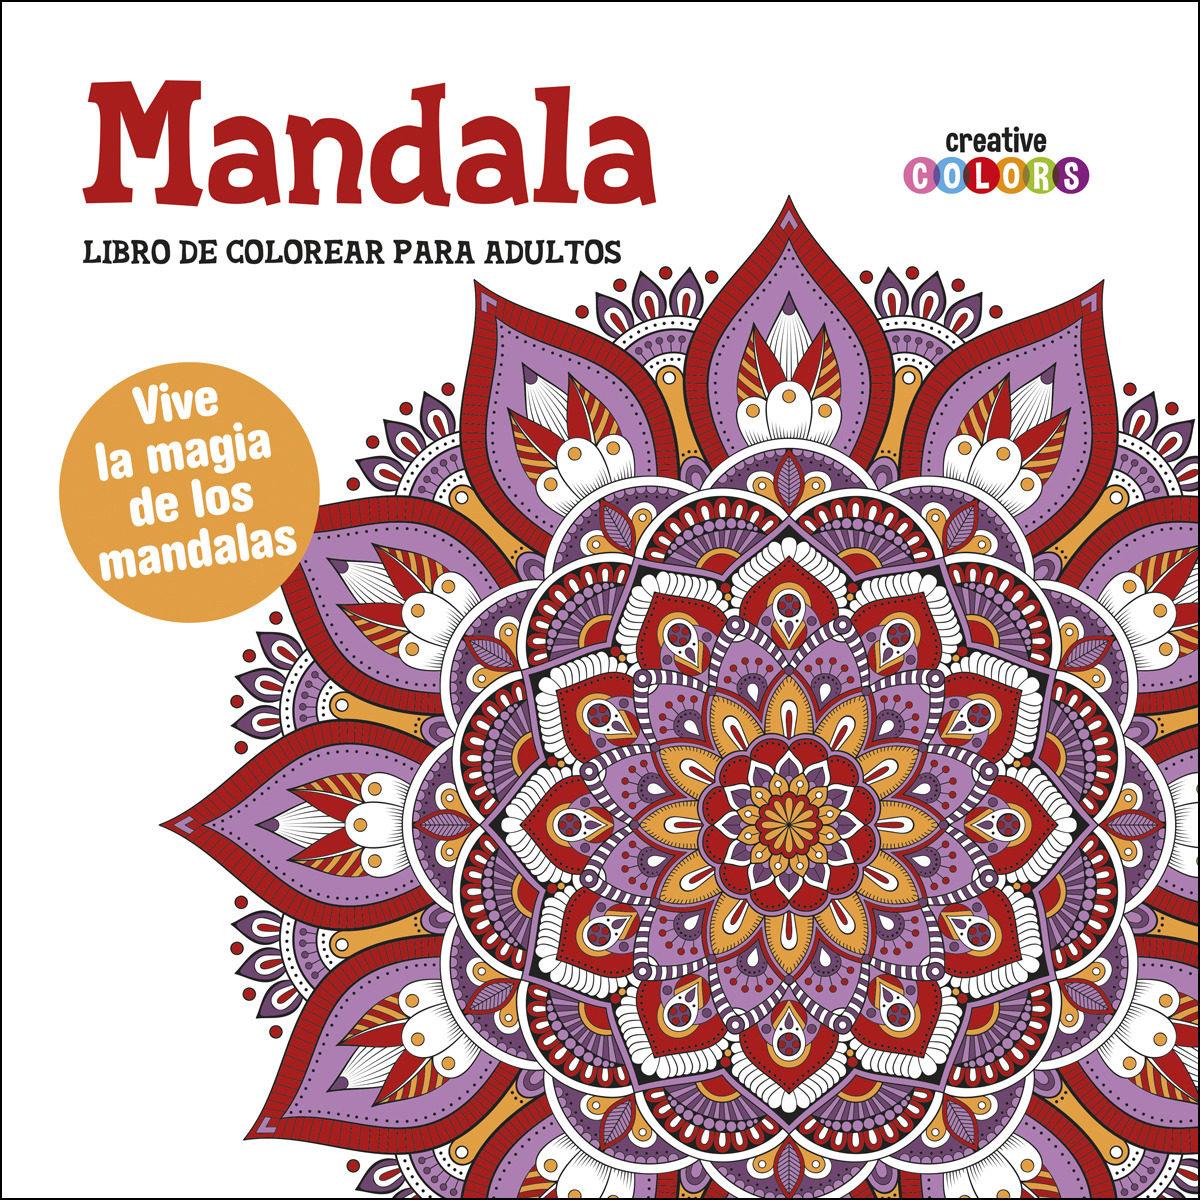 MANDALA (LIBRO DE COLOREAR PARA ADULTOS): VIVE LA MAGIA DE LOS ...